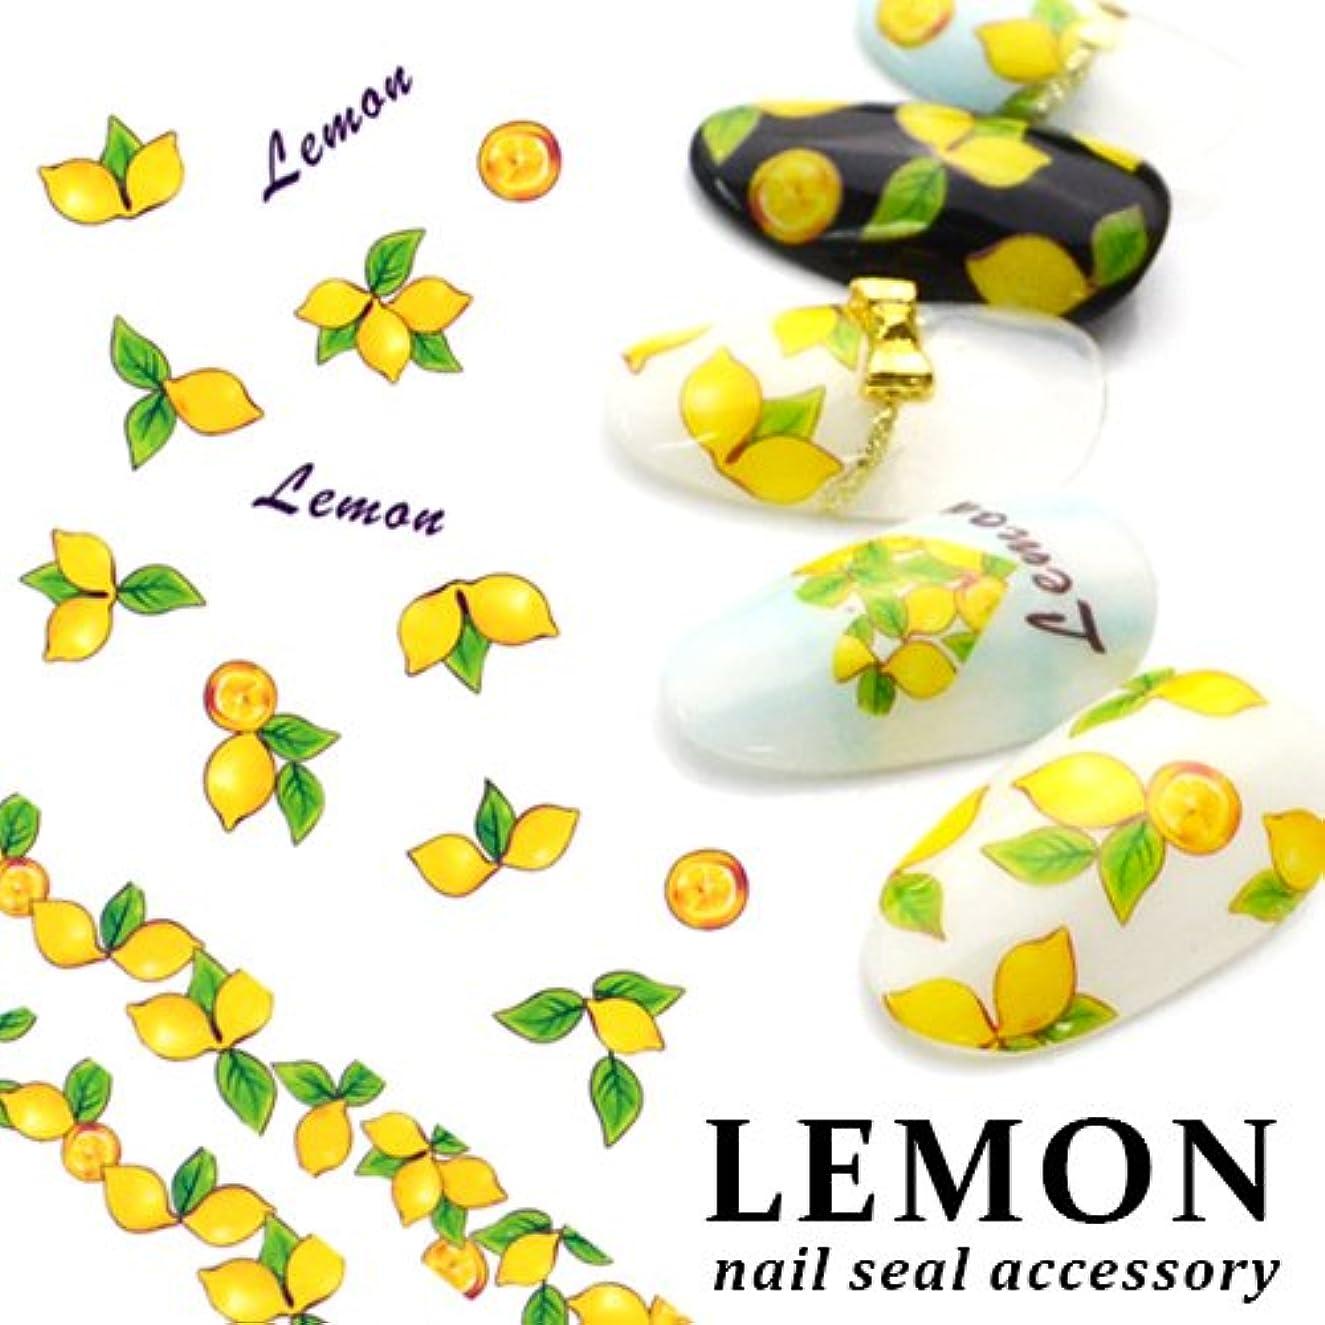 注釈ブース種をまく夏派手ネイルを楽しく簡単に!レモン柄 フルーツ ネイルシール [DS-214] ウォーターネイルシール サマーネイルアート ジェルネイル